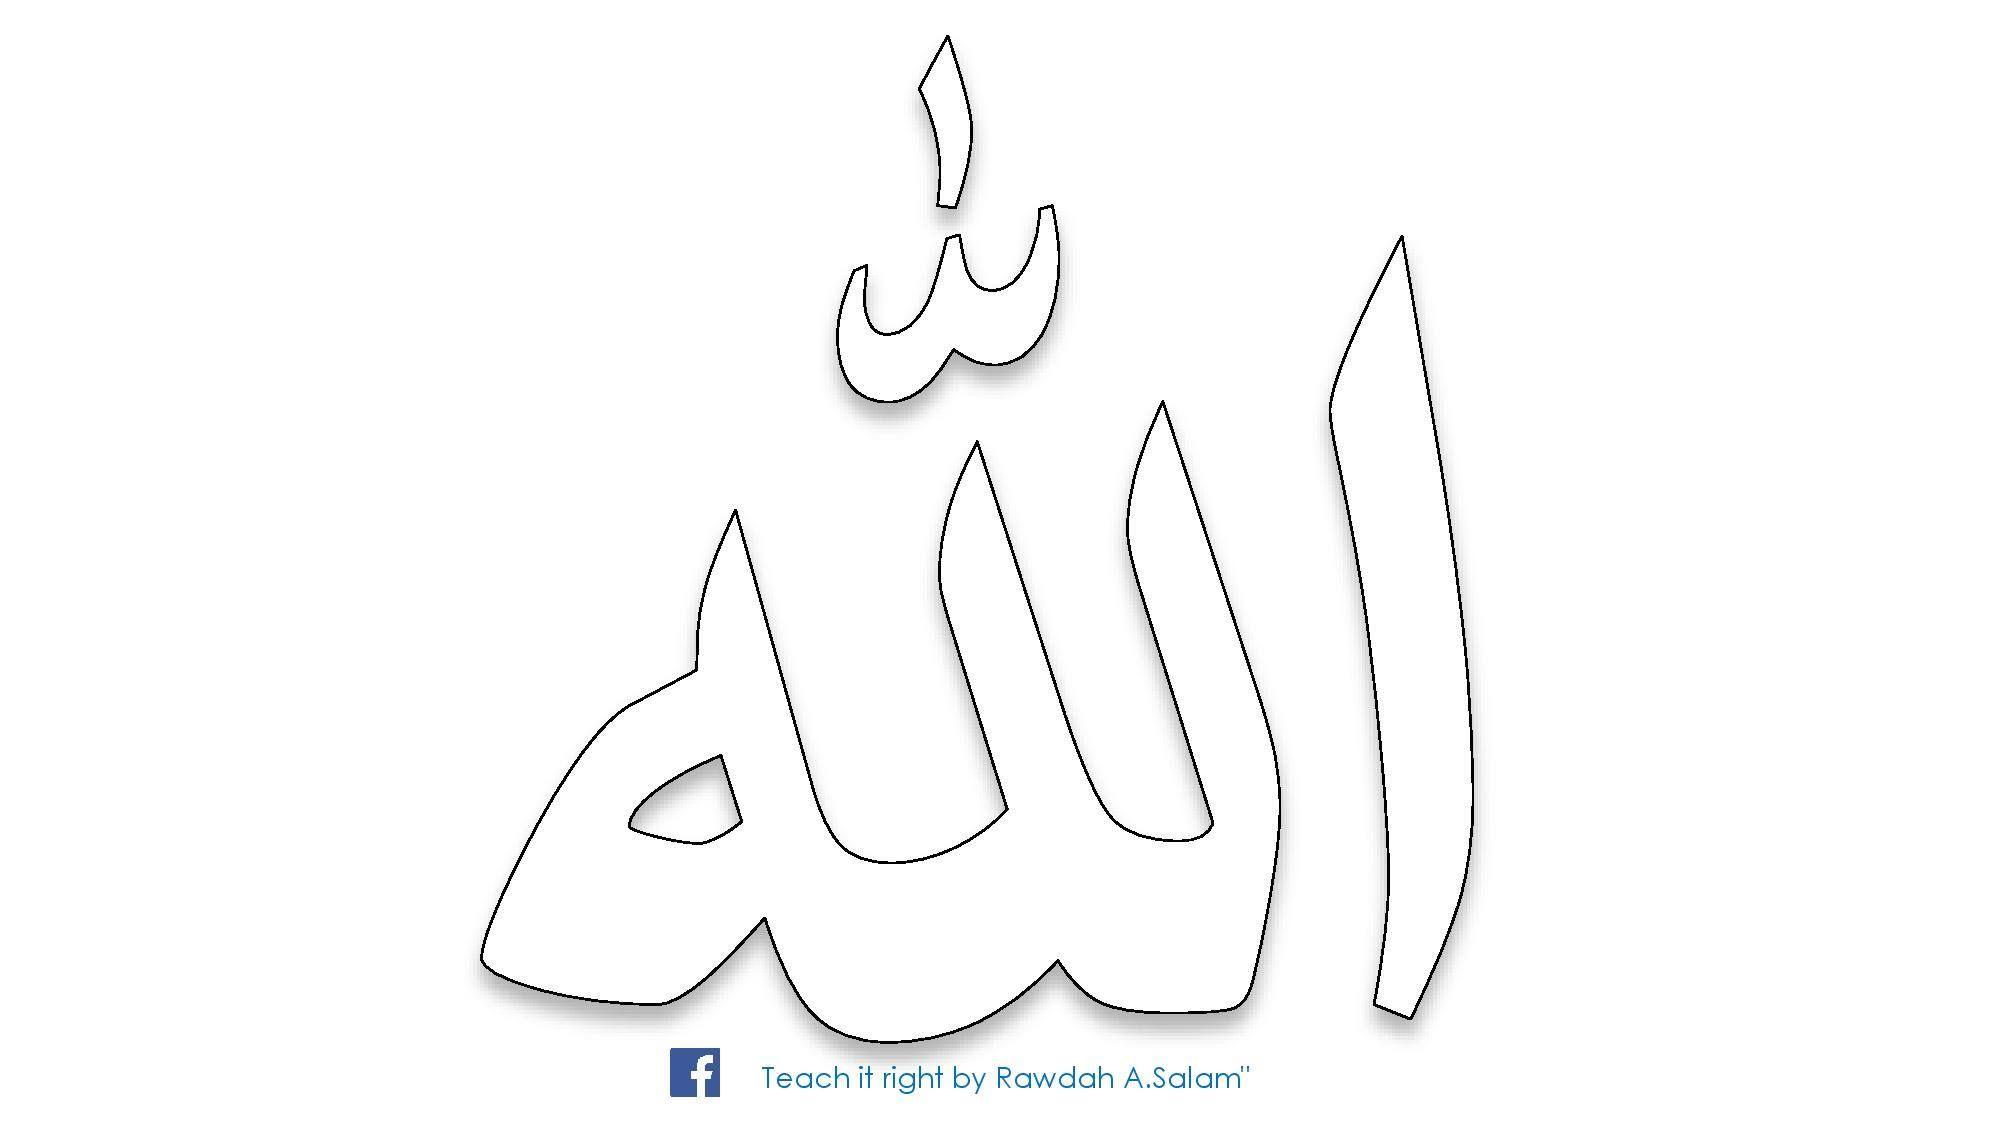 أوراق تلوين أسماء اللة الحسنى Learning Arabic Calligraphy Calligraphy